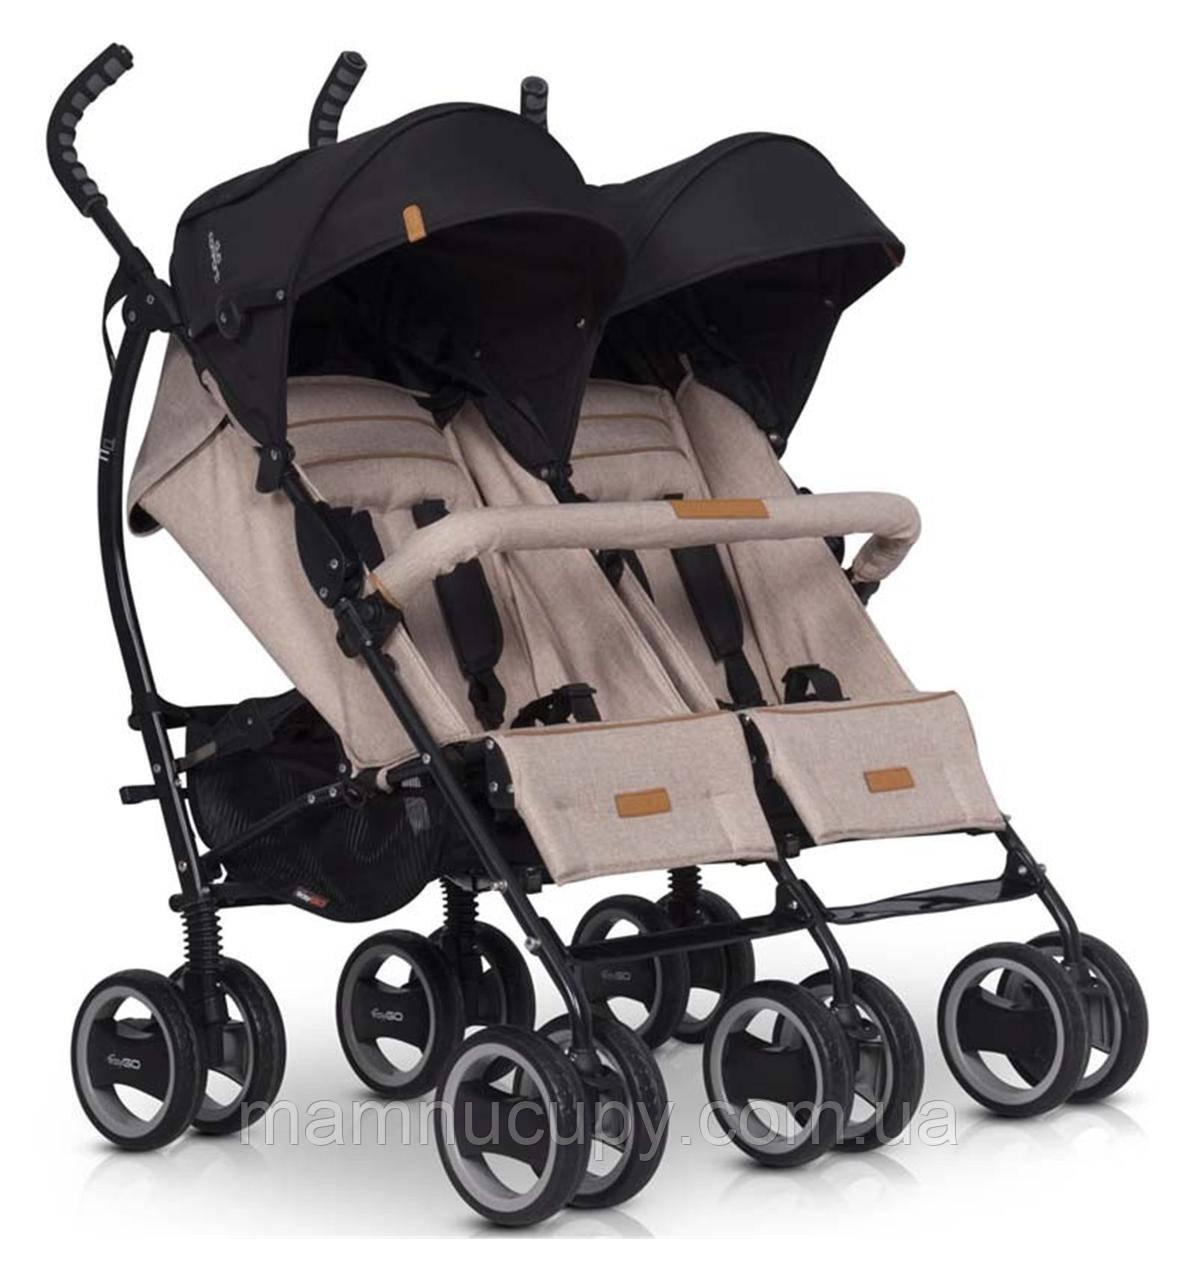 Детская прогулочная коляска для двойни EasyGo Duo Comfort Sand